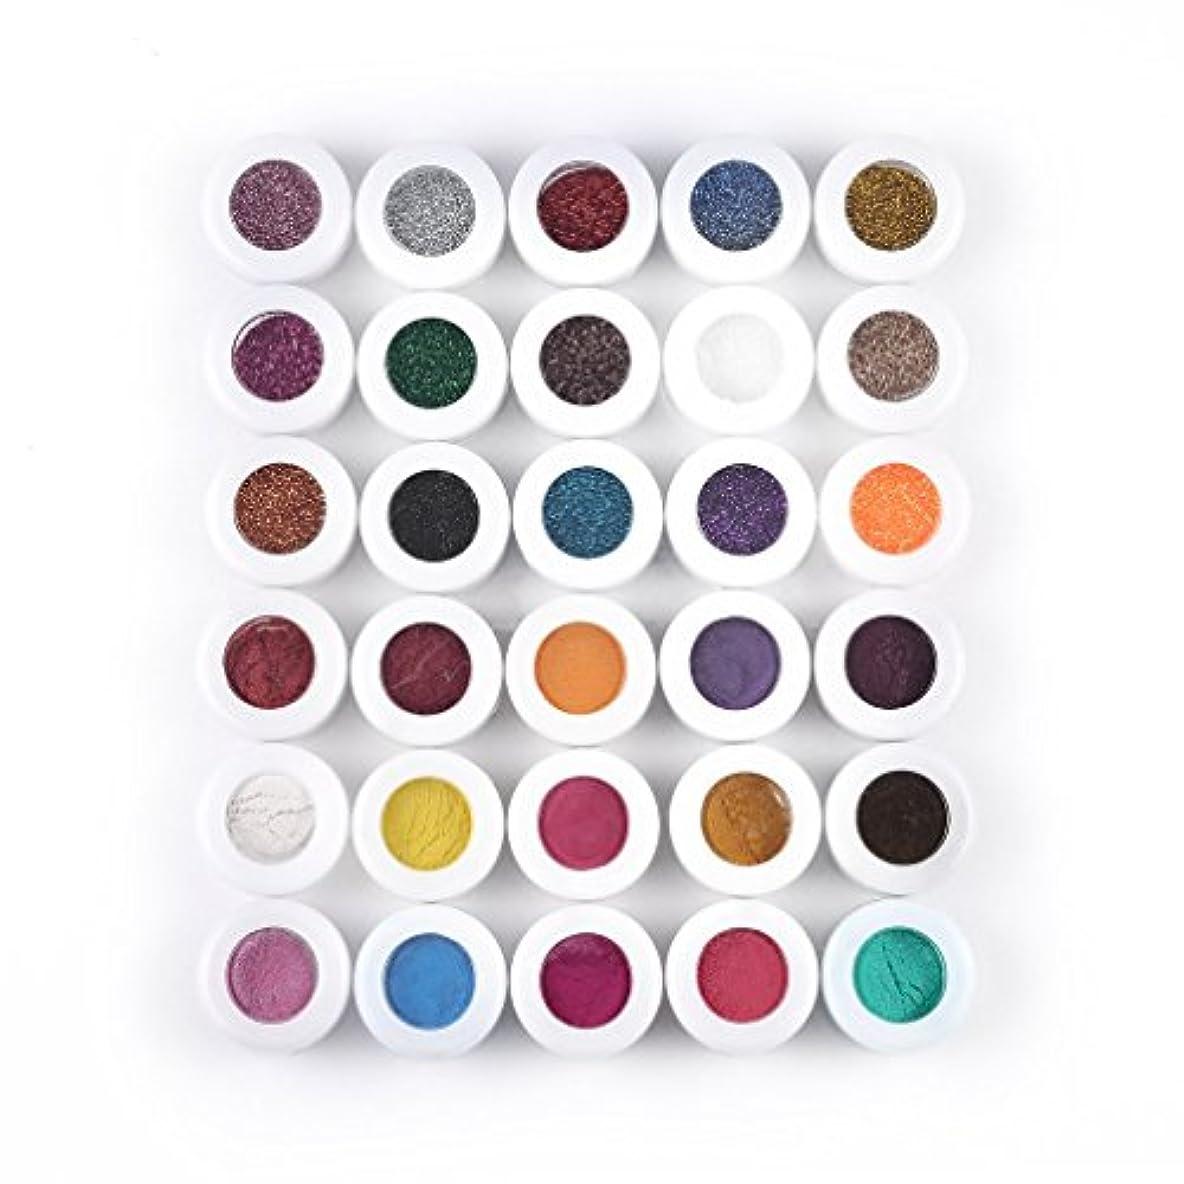 シーケンス近く想像力豊かなプロフェッショナルカラフルな30色のアイシャドウパウダーメイクアップミネラルアイシャドウの女性の顔の美容化粧品メイクアップツール